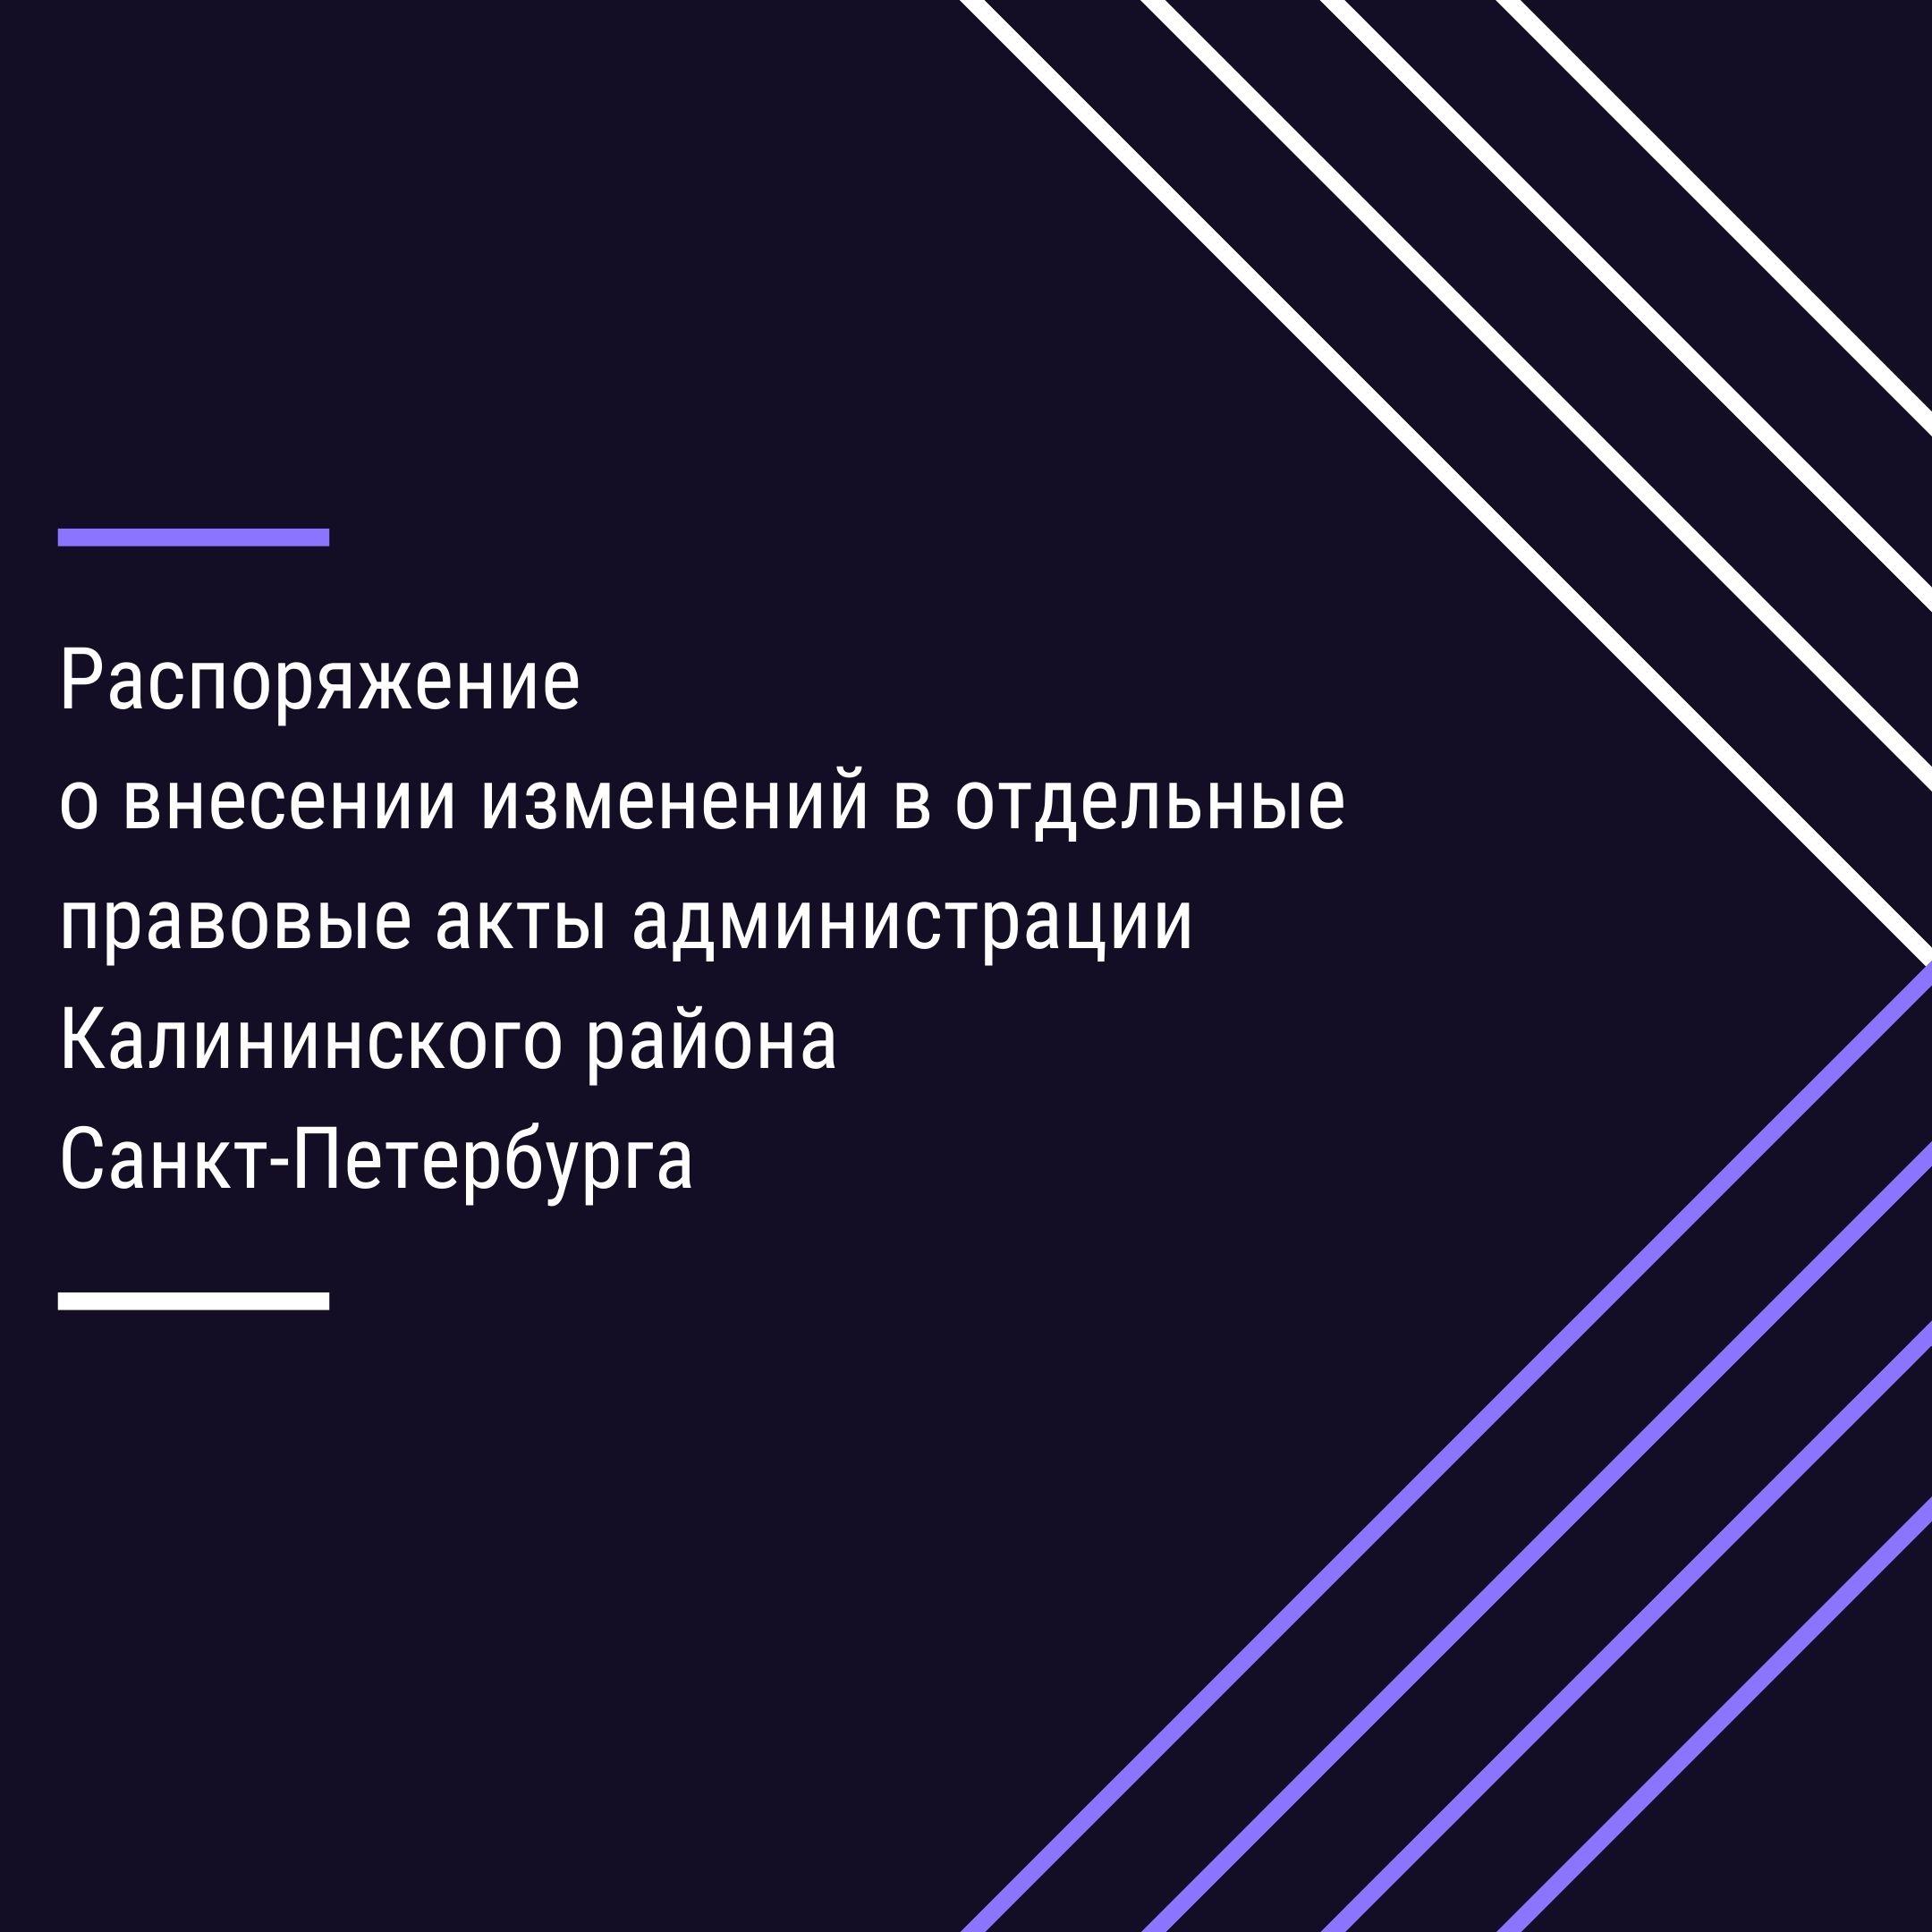 Распоряжение о внесении изменений в отдельные правовые акты администрации Калининского района Санкт-Петербурга